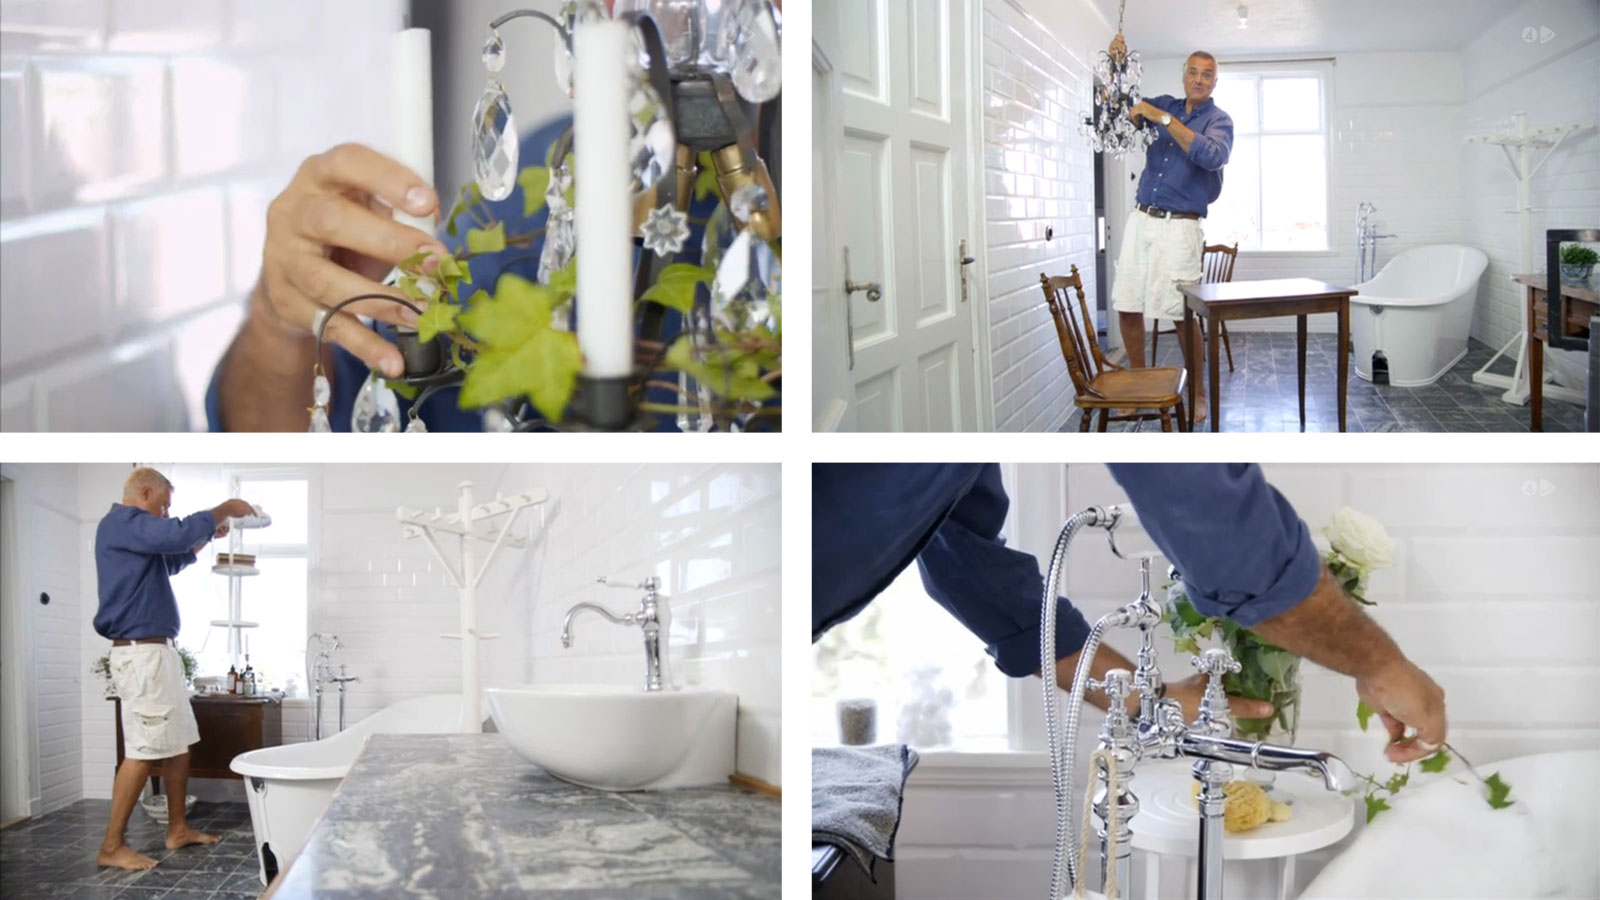 sommar-med-ernst_inreda-badrum-detaljer-murgröna_badrumsdrömmar